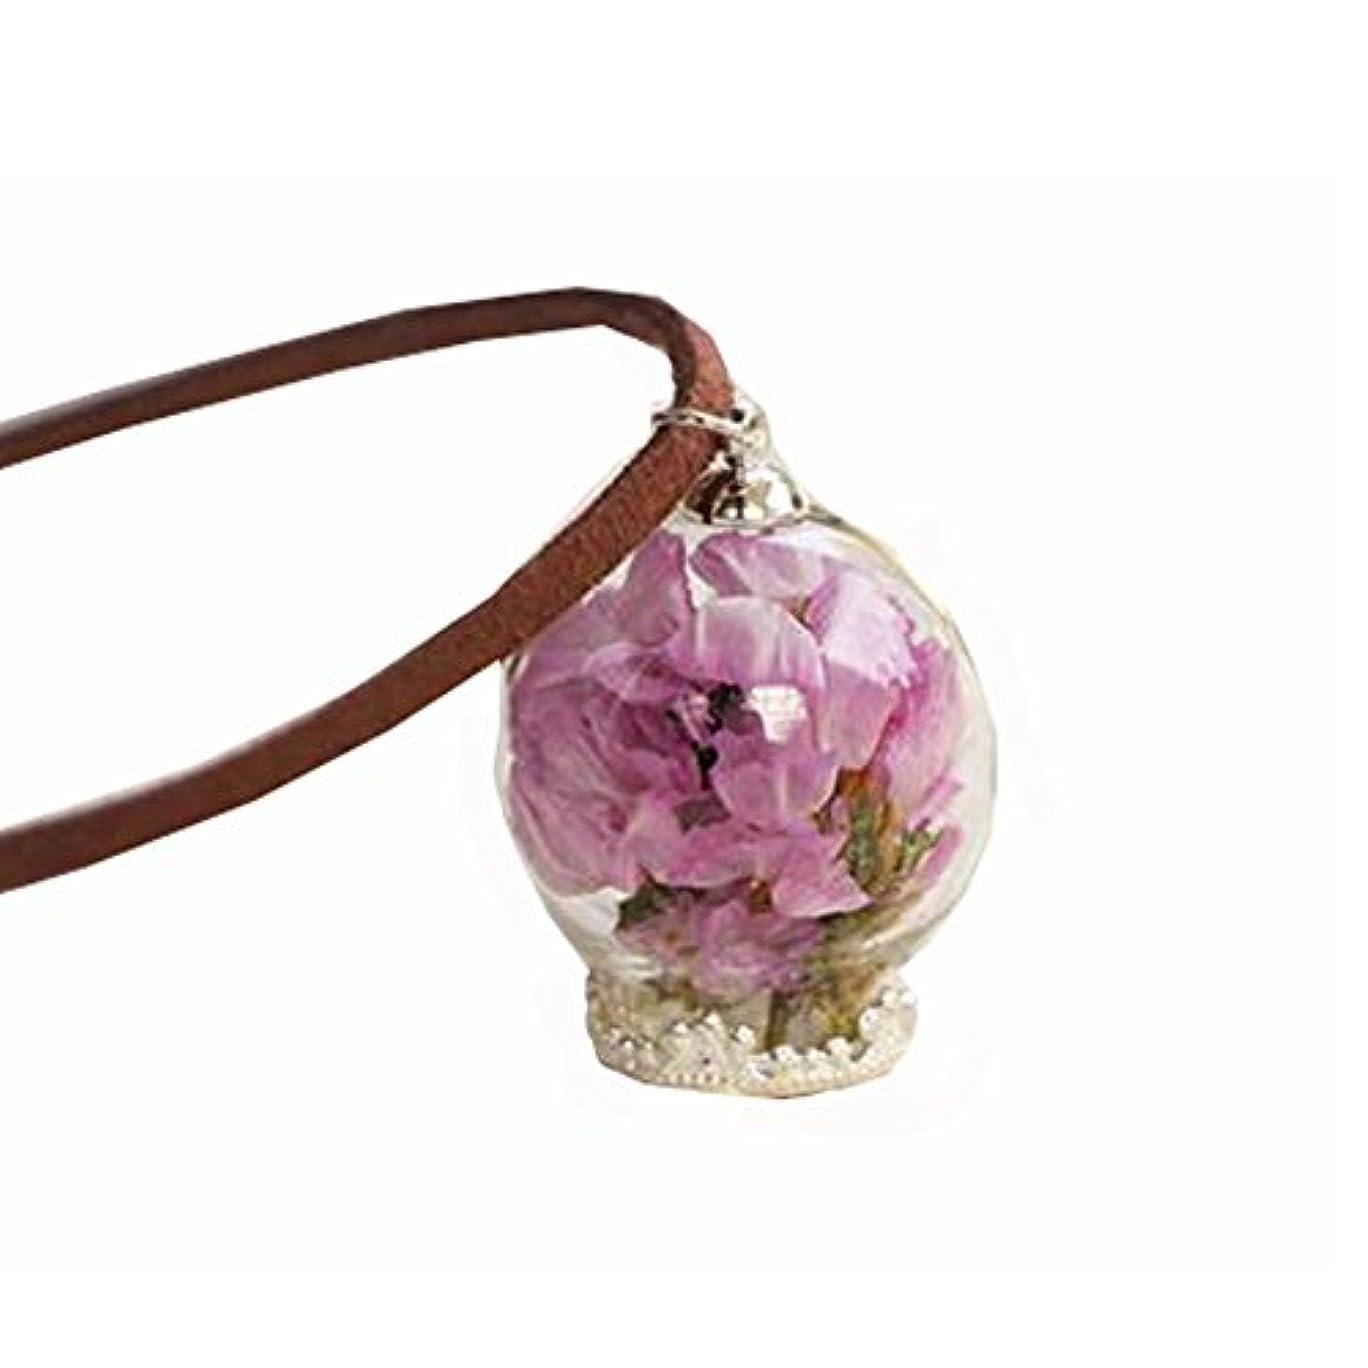 ダッシュ野心興奮する美しい乾燥した花のペンダントネックレスセーターの装飾品のセットナイスギフト